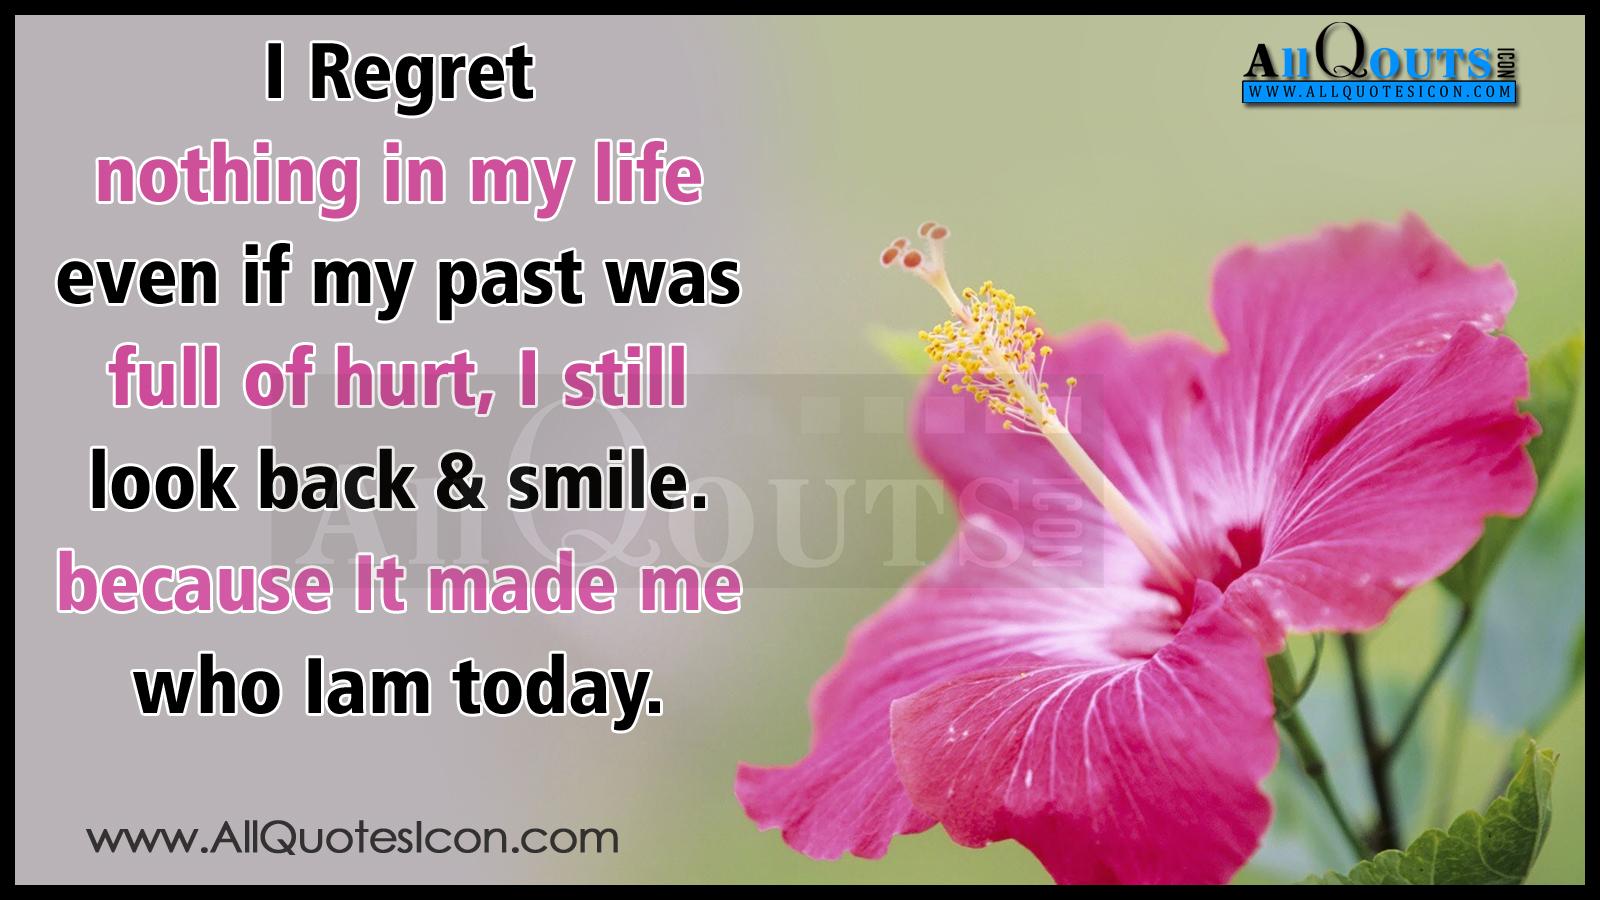 English Manchi Maatalu Images Nice English Inspiring Life Quotations With  Nice Images Awesome English Motivational